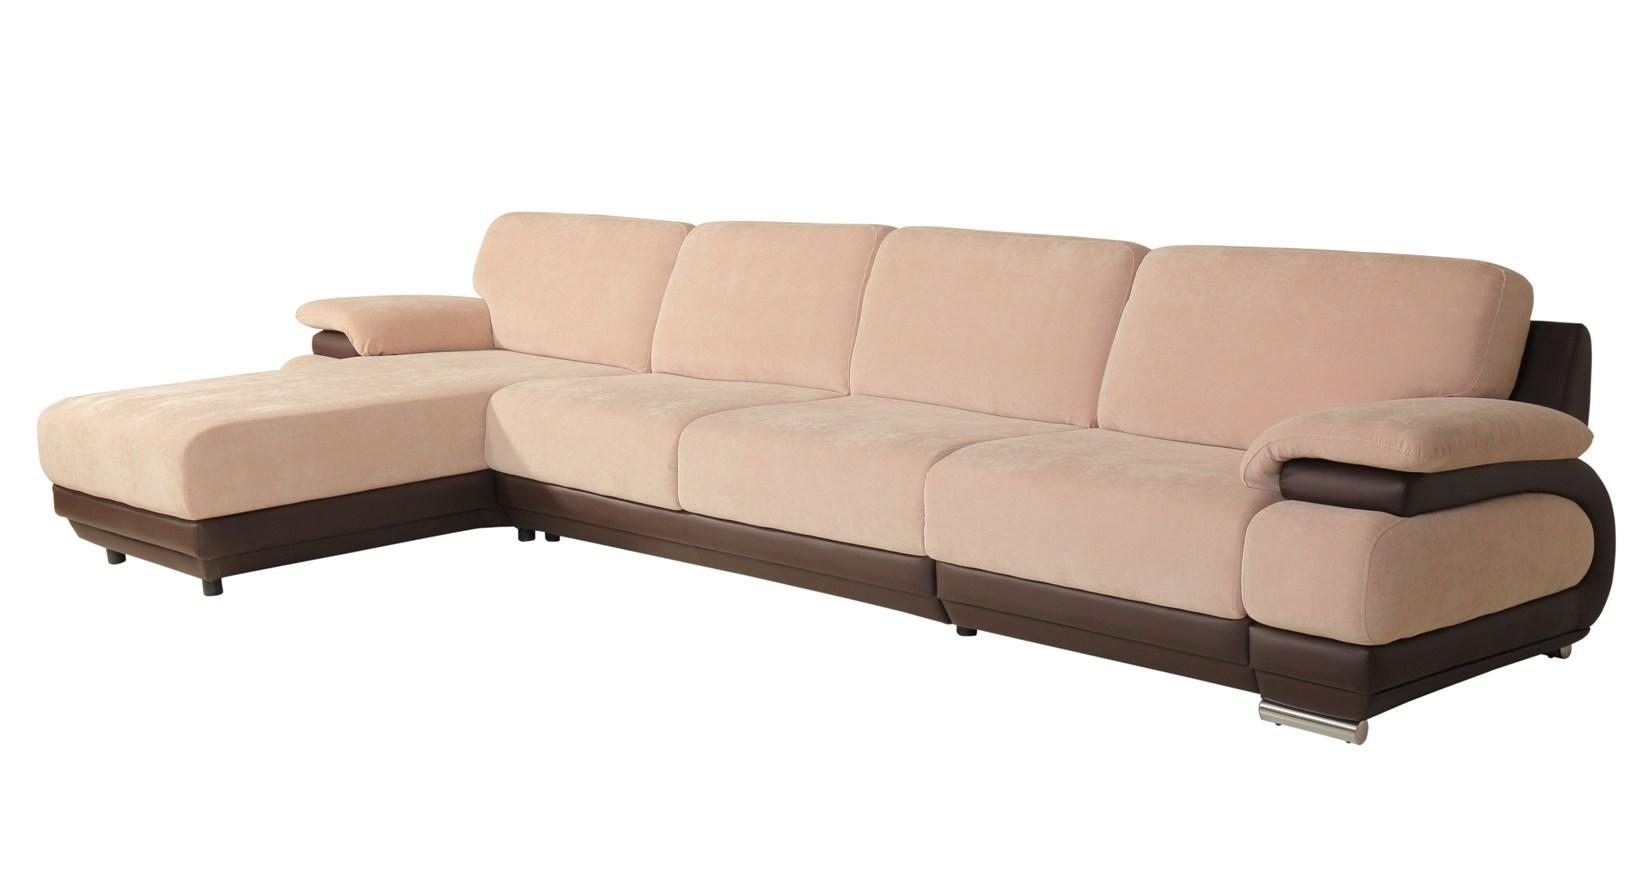 Модульный диван Сен-Тропе-1 модульный диван сен тропе 3